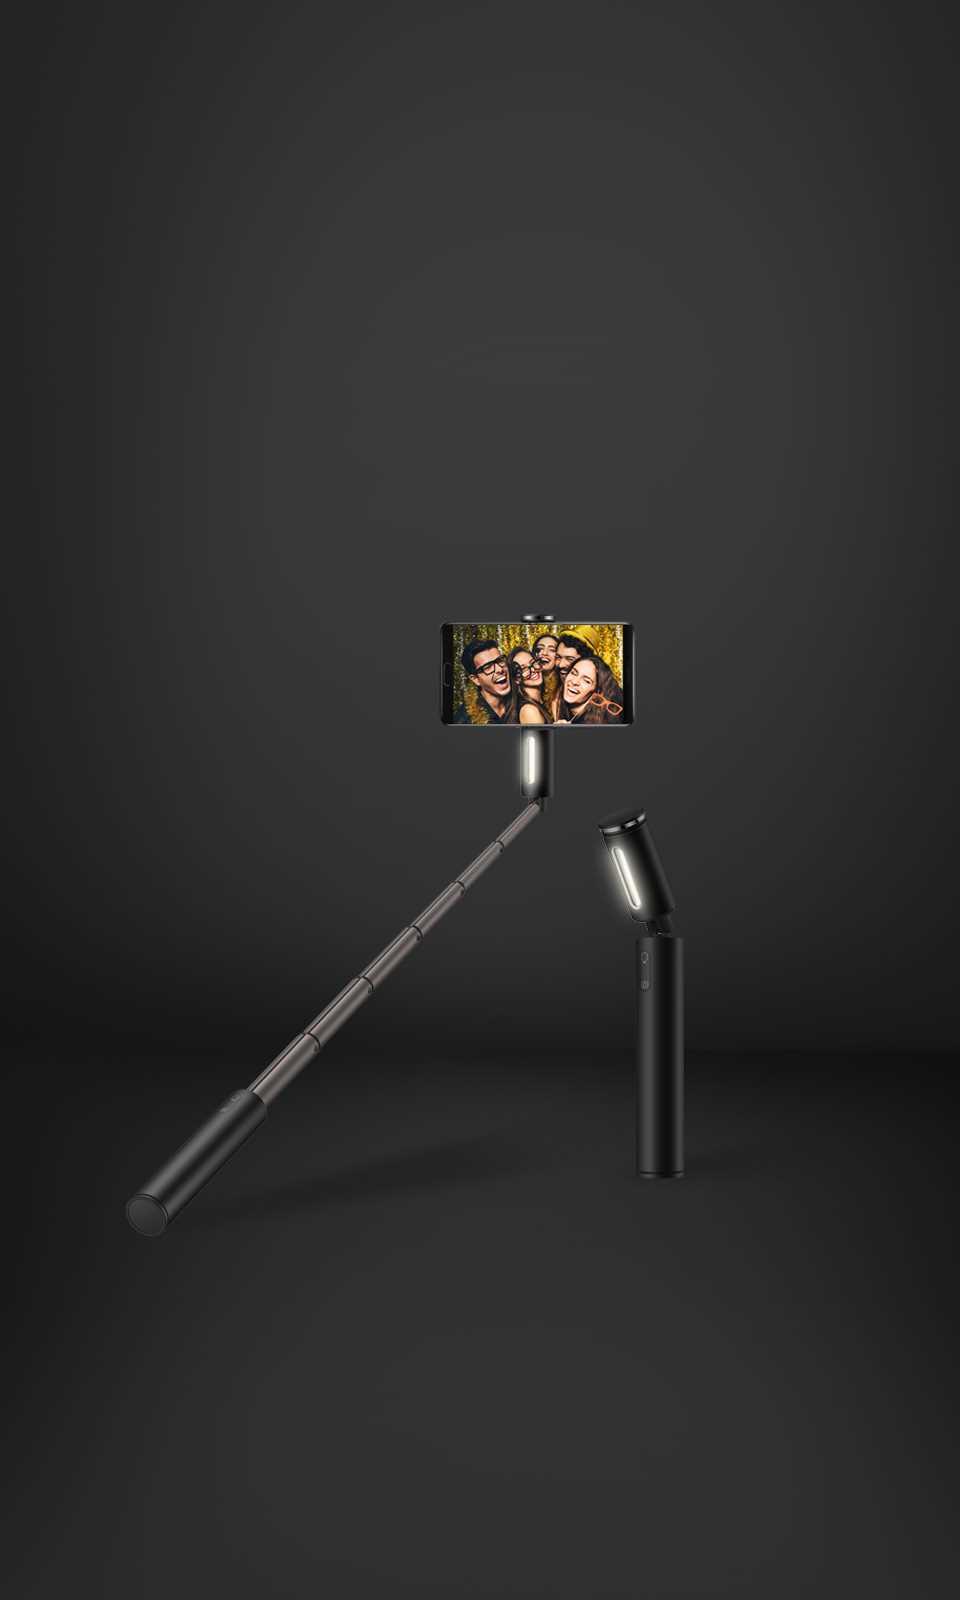 عصا طويلة وثابتة، منظر أوسع عصا مكونة من 6 مراحل قابلة للتمديد لما يصل إلى 610 ملم لمنظر أوسع؛ مطلية بسبائك الألمنيوم المؤكسد للحصول على دعم مستقر وقبضة ثابتة.